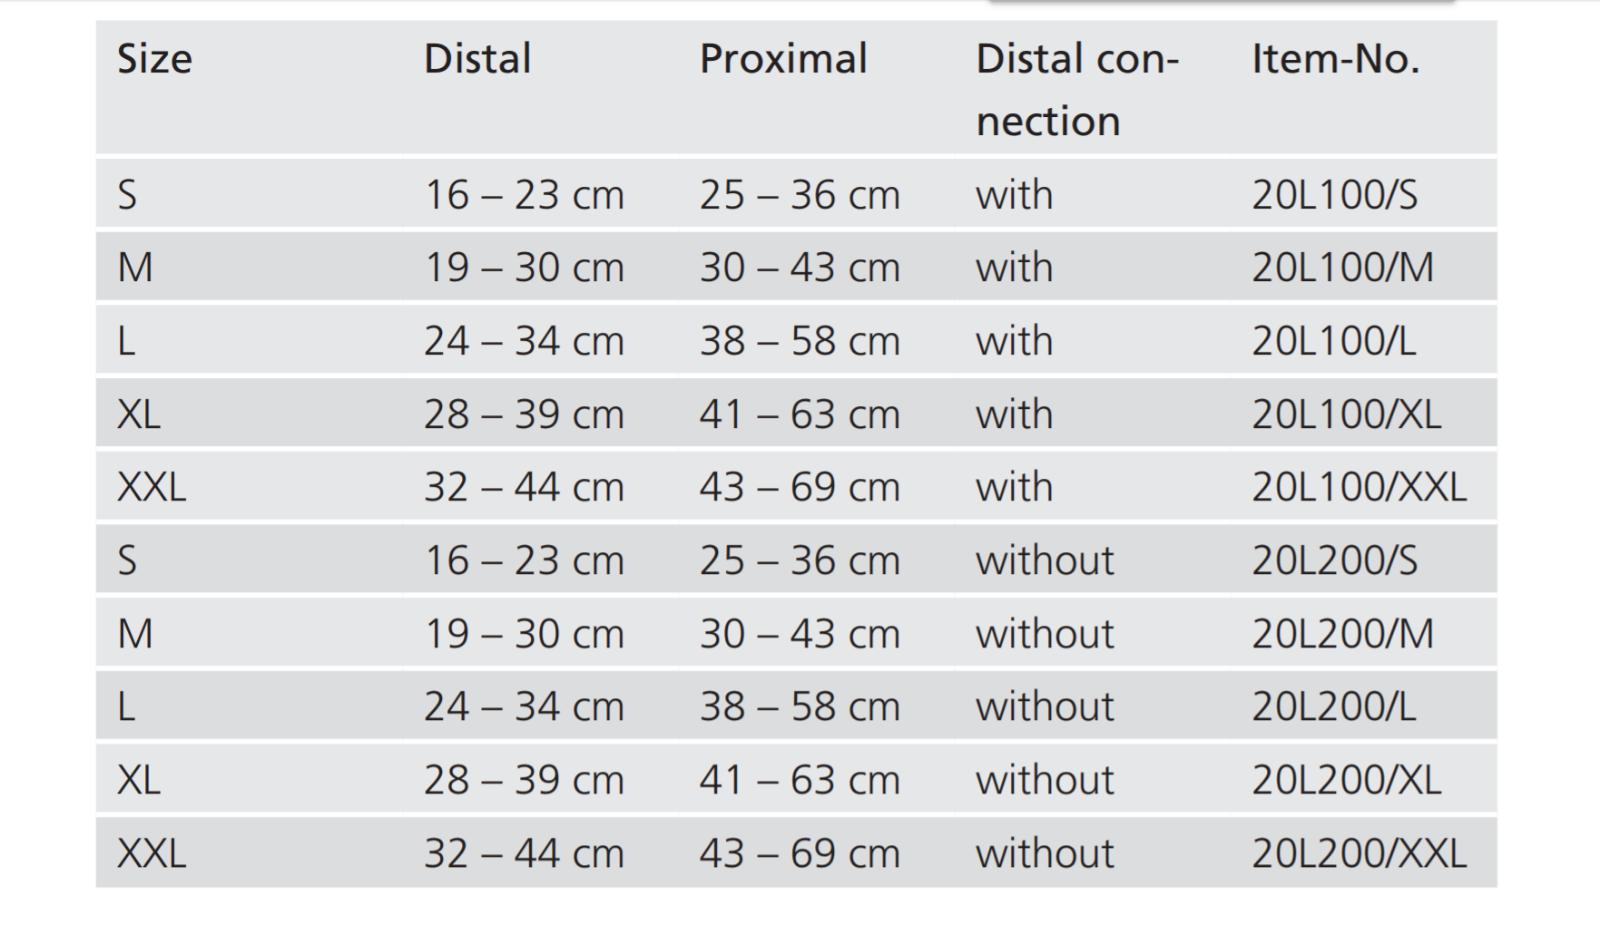 как выглядит Ортопедические стельки STREIFENEDER PROSTHETIC GEL LINER LOCKING / CUSHION GEL LINER GREAT 3MM-9MM фото